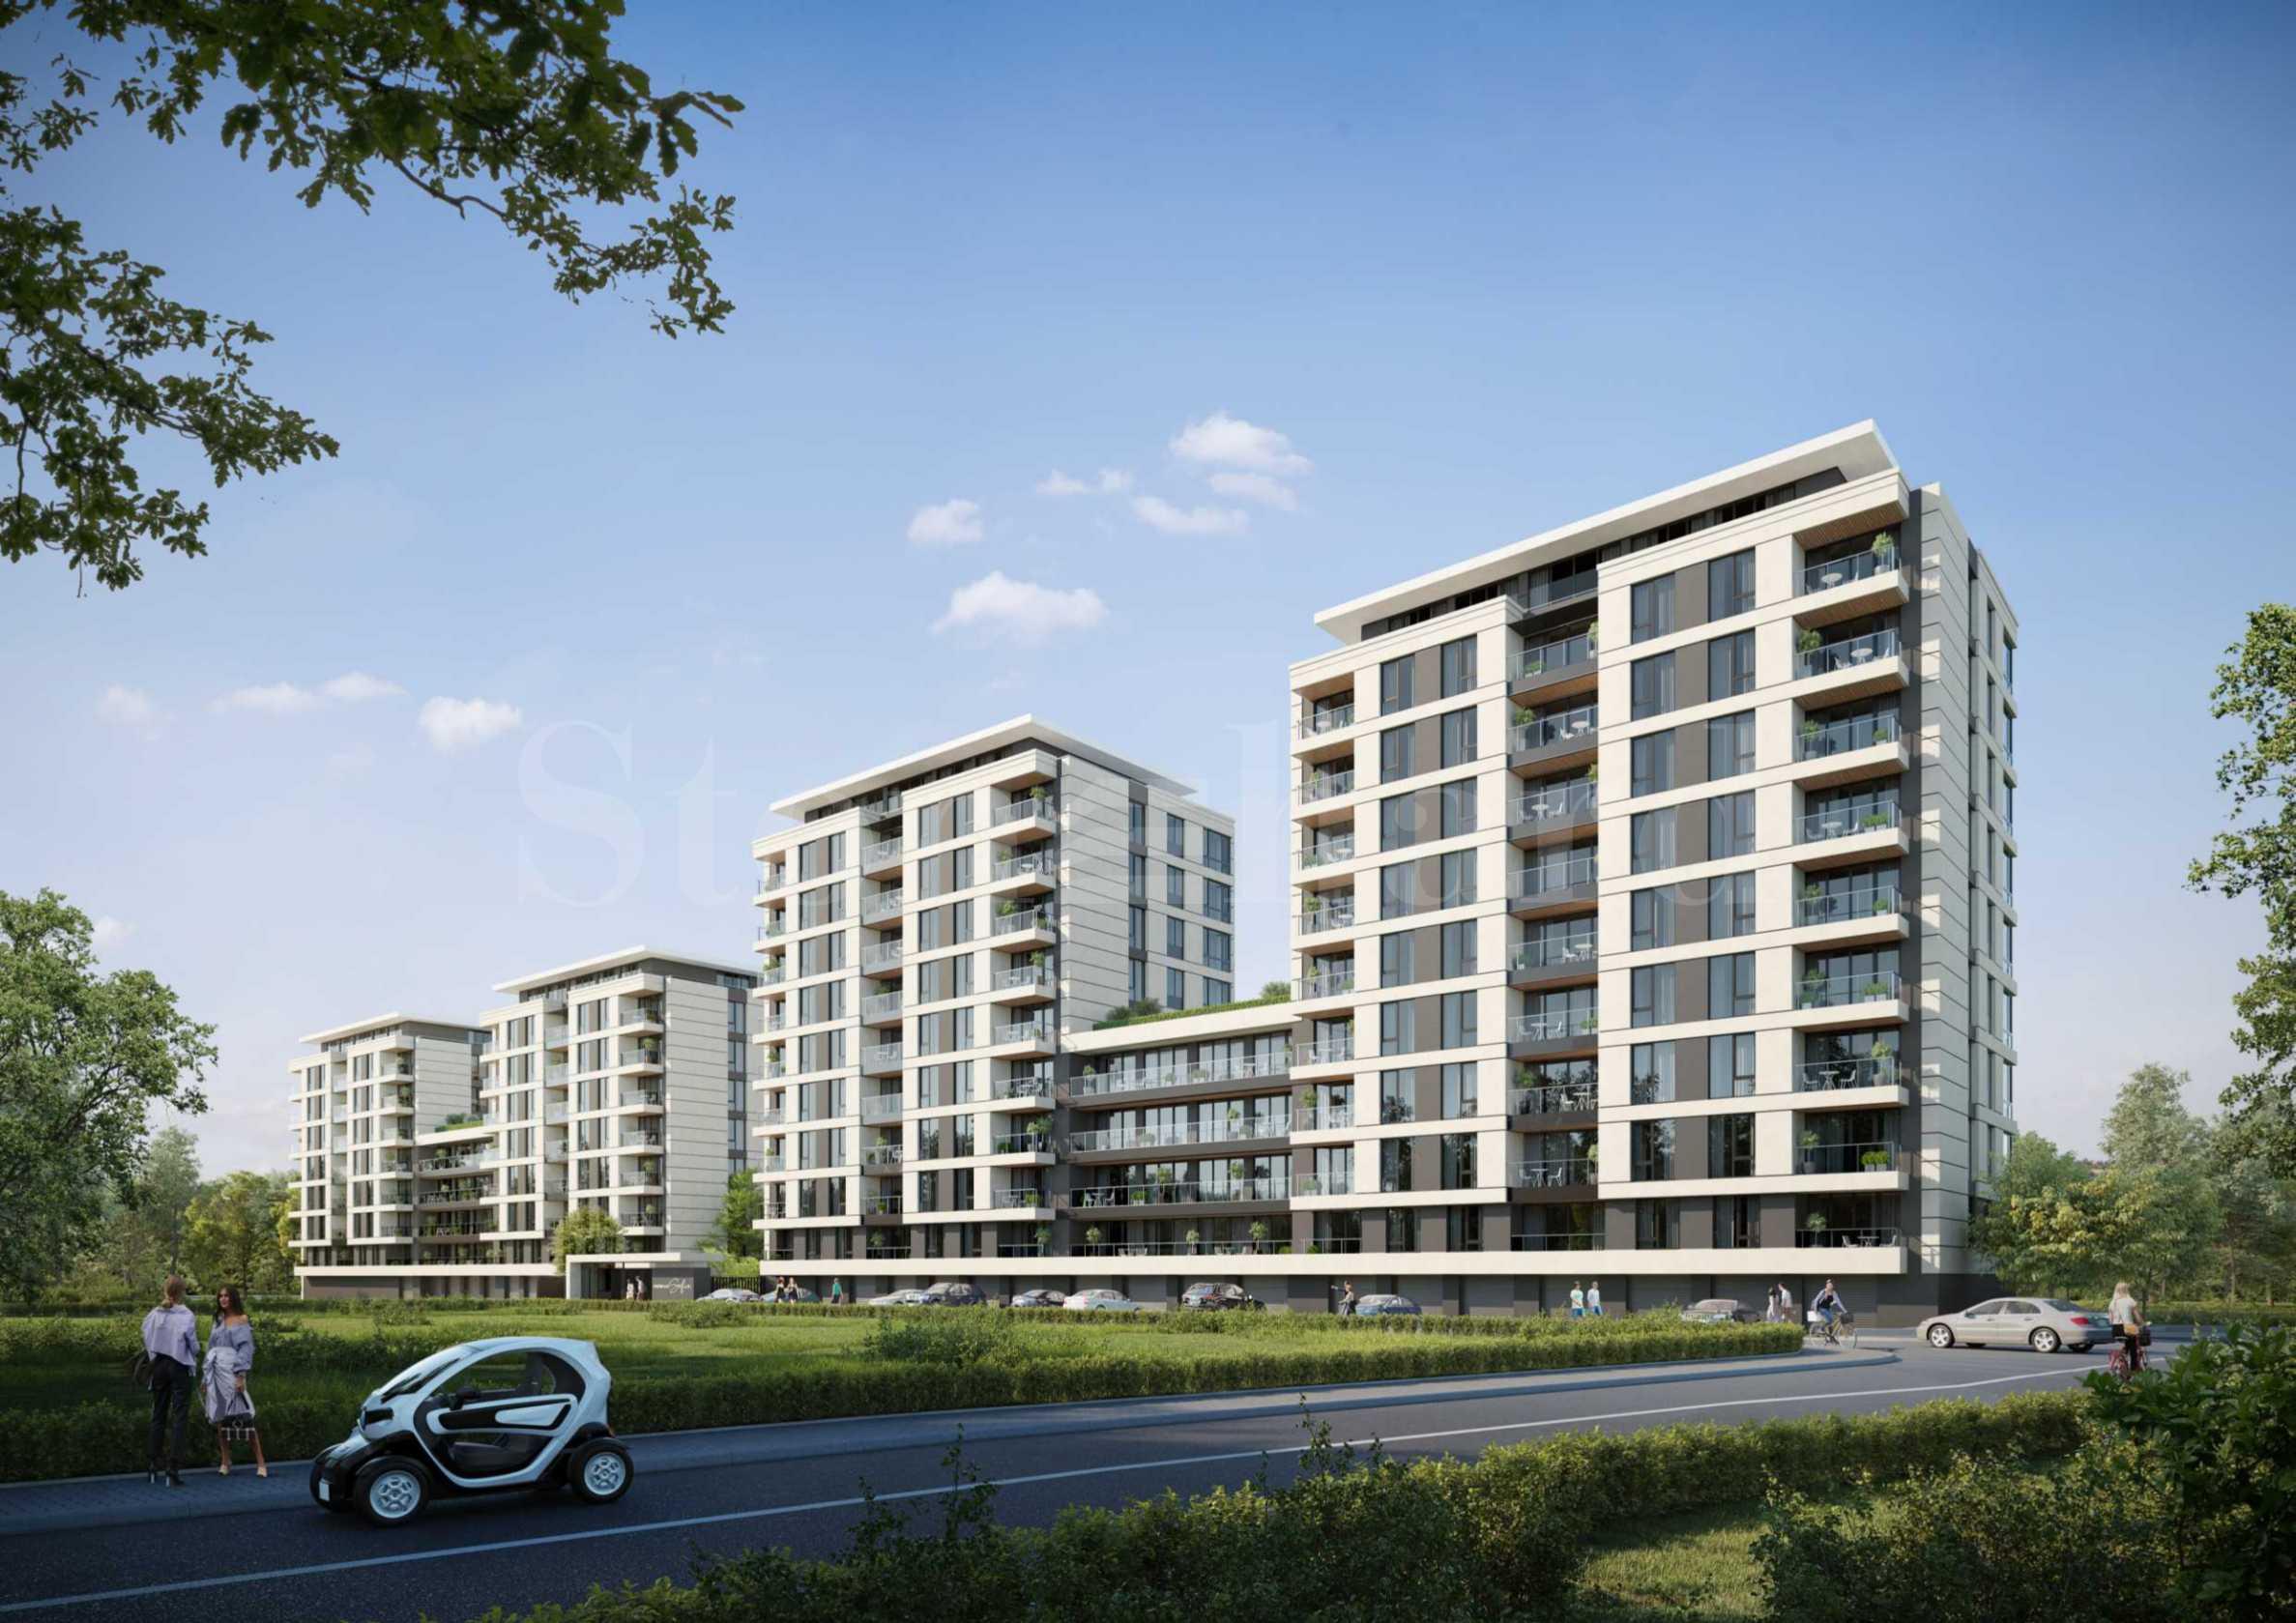 Голям жилищен комплекс със зелени площи до Ловен парк - Борисова градина2 - Stonehard